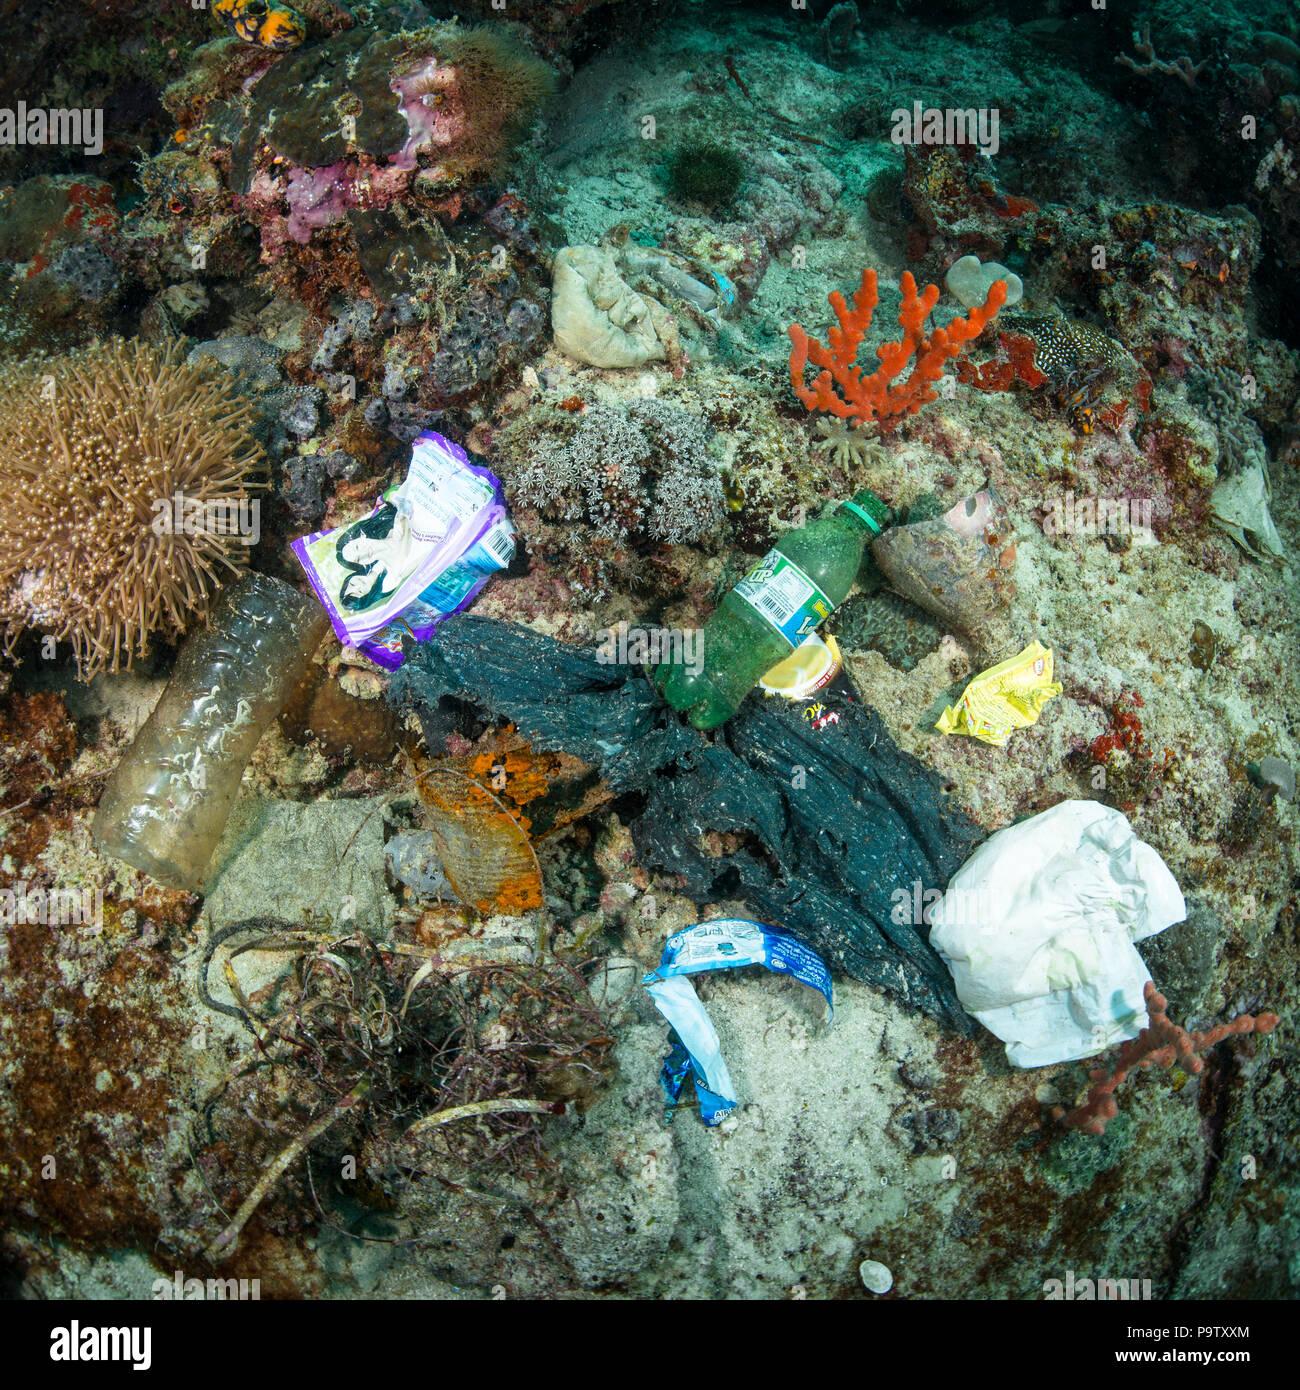 Fotografía submarina de contaminación de basura de plástico en los fondos marinos en un arrecife de coral en la isla de Mabul, Sabah, Malasia. Foto de stock